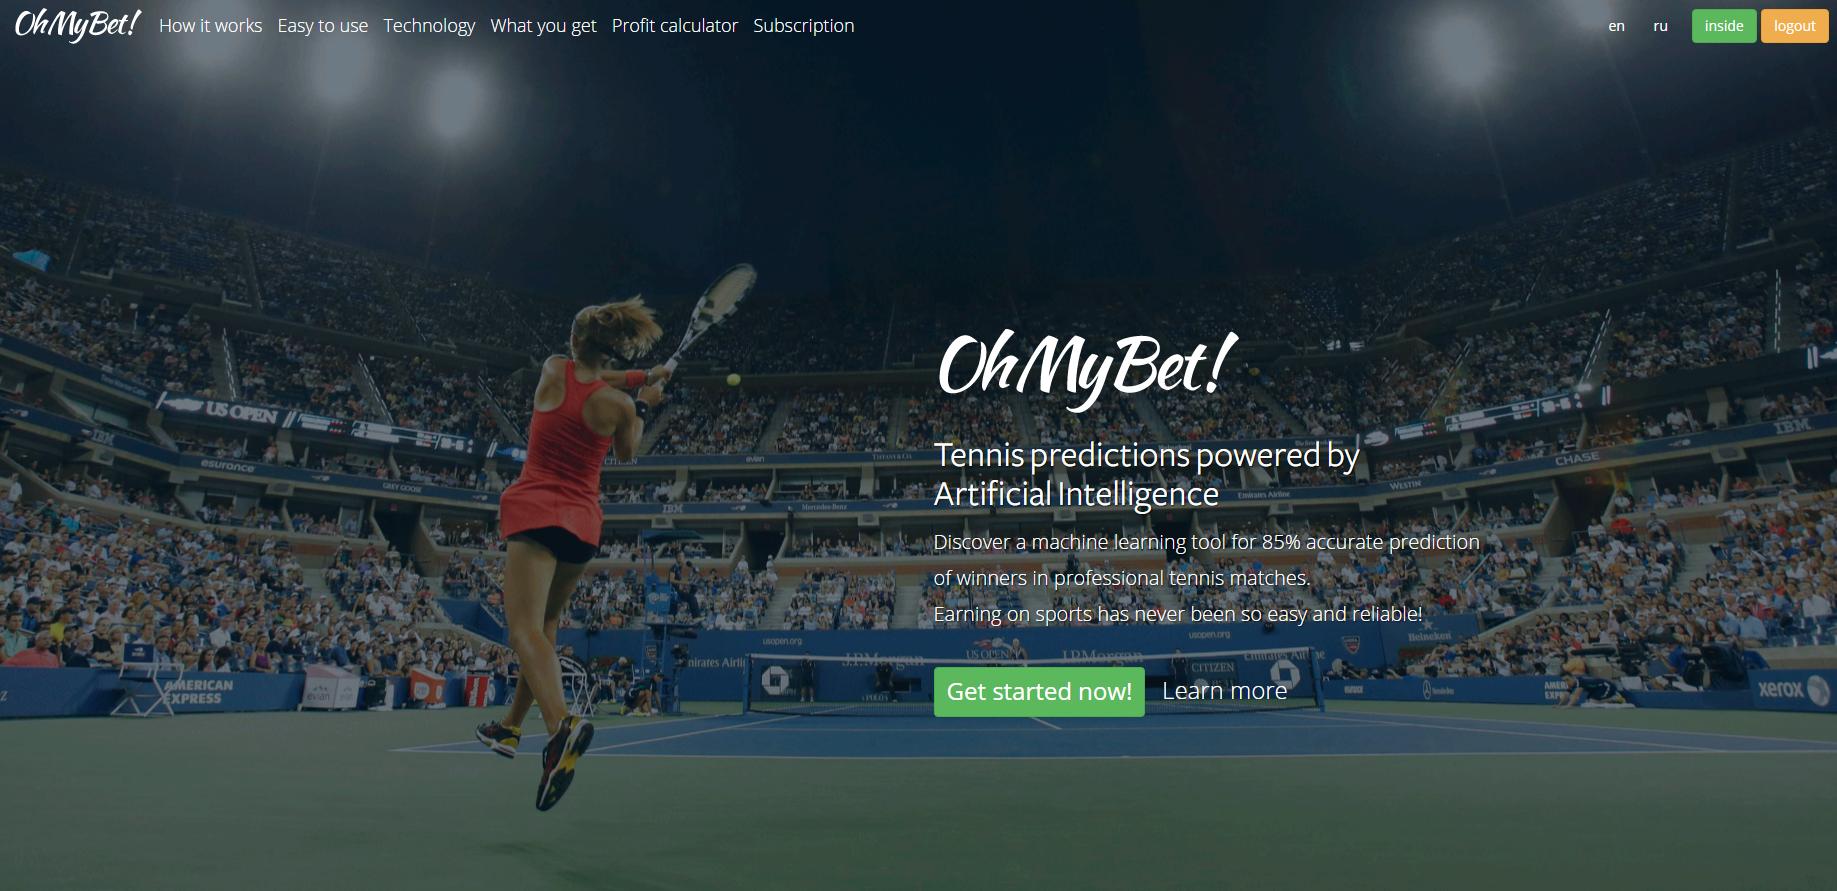 Машинное обучение для прогнозирования тенниса: часть 2 - 12